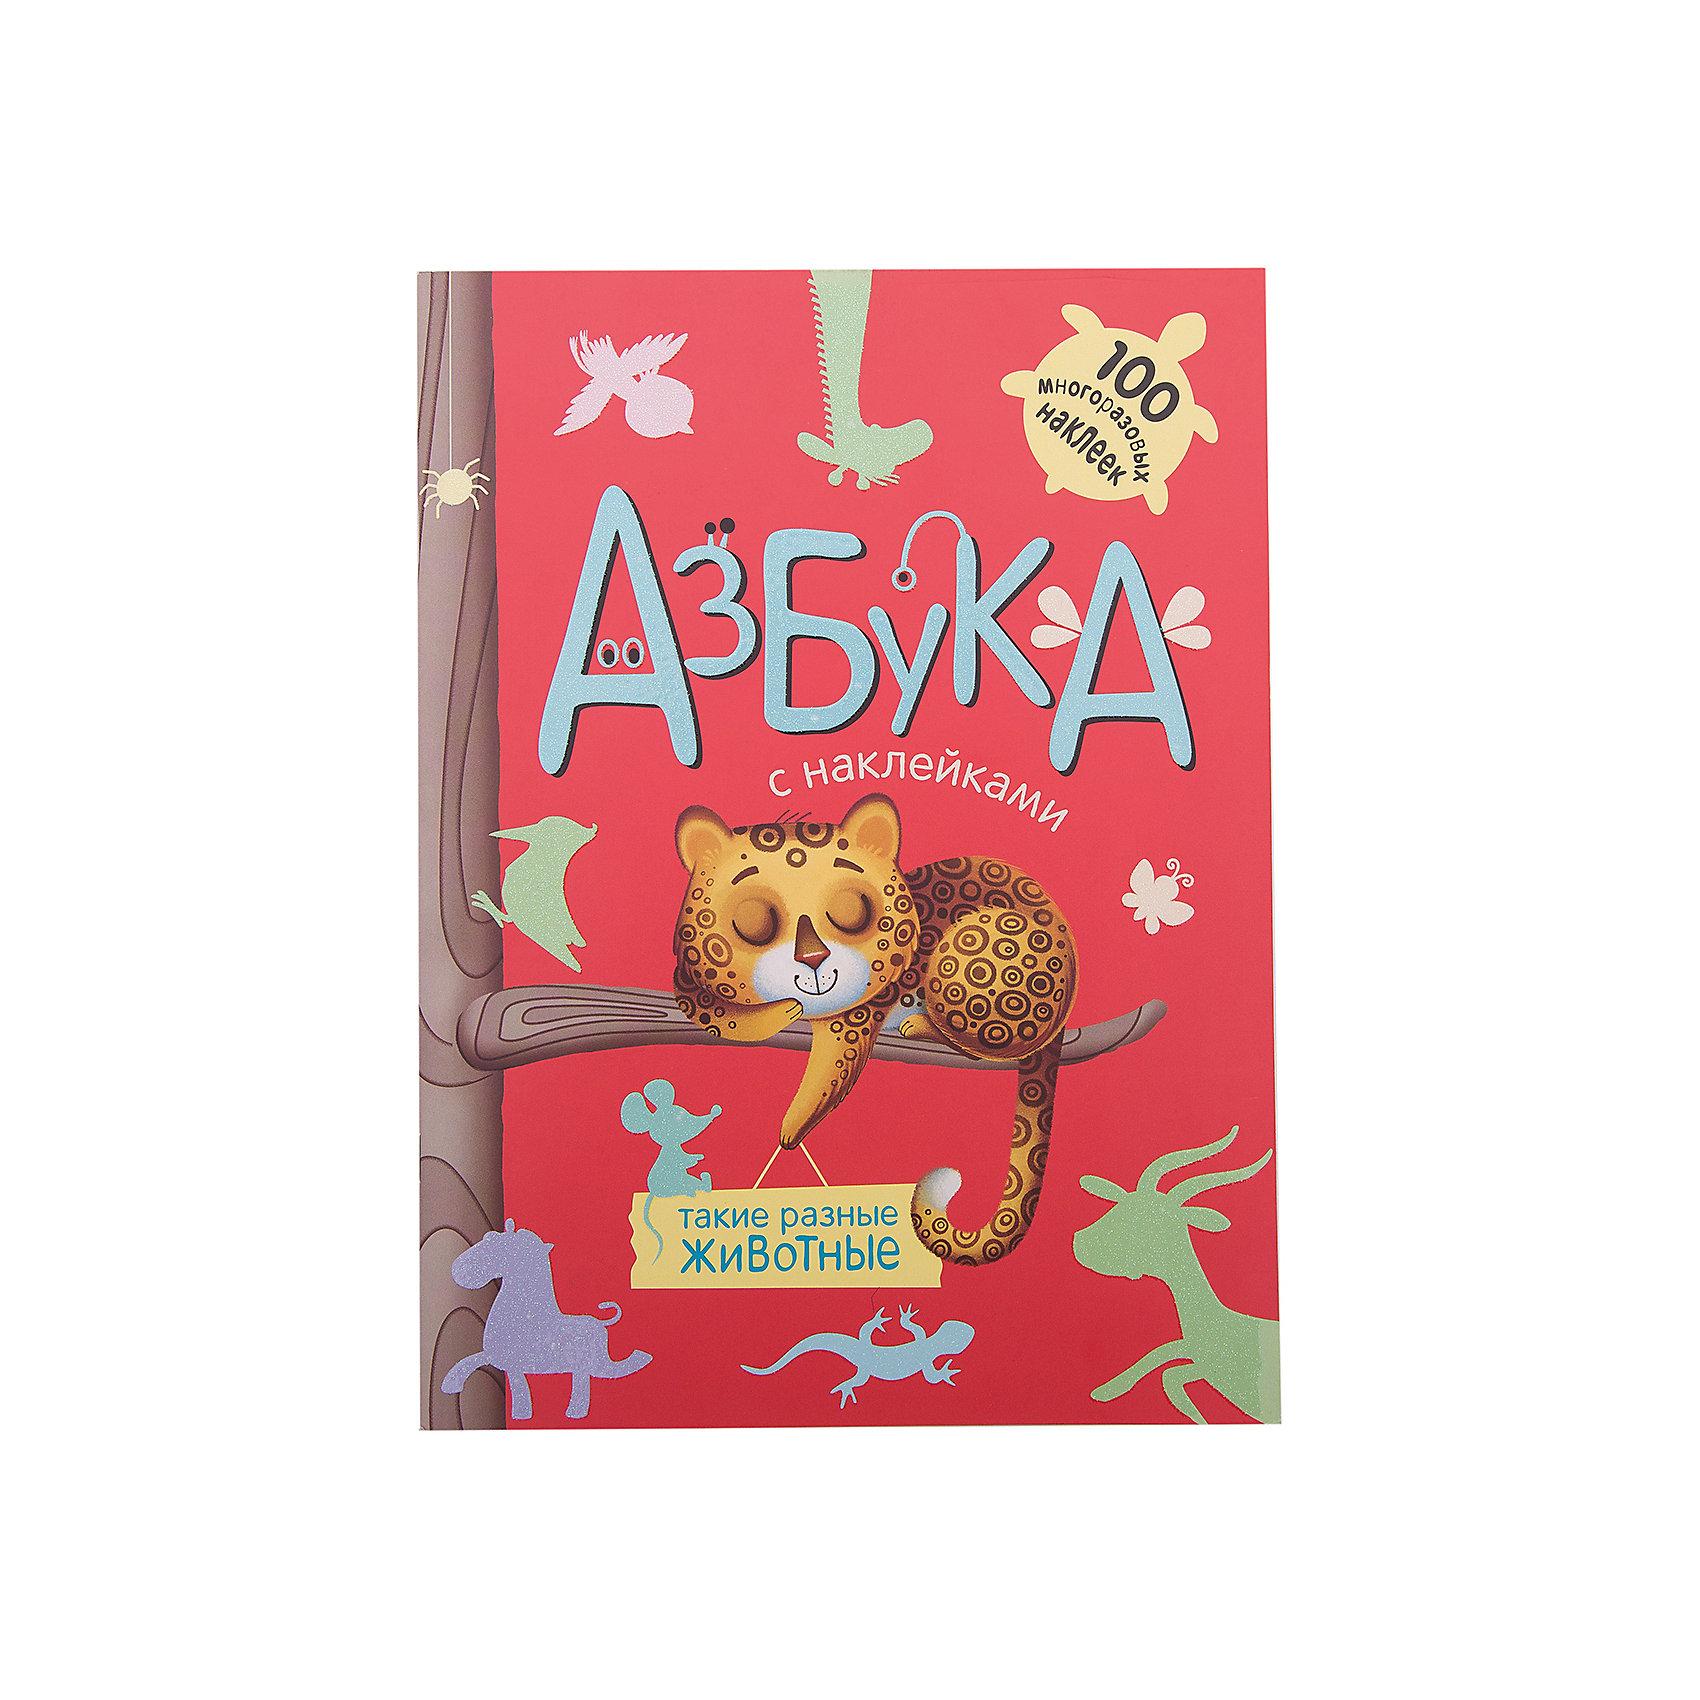 Азбука с наклейками Такие разные животныеХарактеристики книги Азбука с наклейками:<br><br>• возраст: от 3 лет <br>• пол: для мальчиков и девочек<br>• комплект: книга, 100 многоразовых наклеек.<br>• материал: картон, бумага, мягкий винил.<br>• количество страниц: 32<br>• размер книжки: 21.5х29 см.<br>• тип обложки: мягкая.<br>• иллюстрации: цветные.<br>• бренд: Мозаика-Синтез<br>• страна обладатель бренда: Россия.<br><br>Детская книга Азбука с наклейками - это книга для самых маленьких, которые только начинают изучать алфавит. В книжке на каждую букву алфавита есть животное. Животных в книге много и представляют они различные виды, но этих животных надо будет найти среди наклеек и правильно приклеить, в этом ребенку помогут яркие картинки и интересные стишки.<br><br>Азбука с наклейками Такие разные животные издательства Мозаика-Синтез можно купить в нашем интернет-магазине.<br><br>Ширина мм: 3<br>Глубина мм: 215<br>Высота мм: 290<br>Вес г: 192<br>Возраст от месяцев: 36<br>Возраст до месяцев: 84<br>Пол: Унисекс<br>Возраст: Детский<br>SKU: 5362867